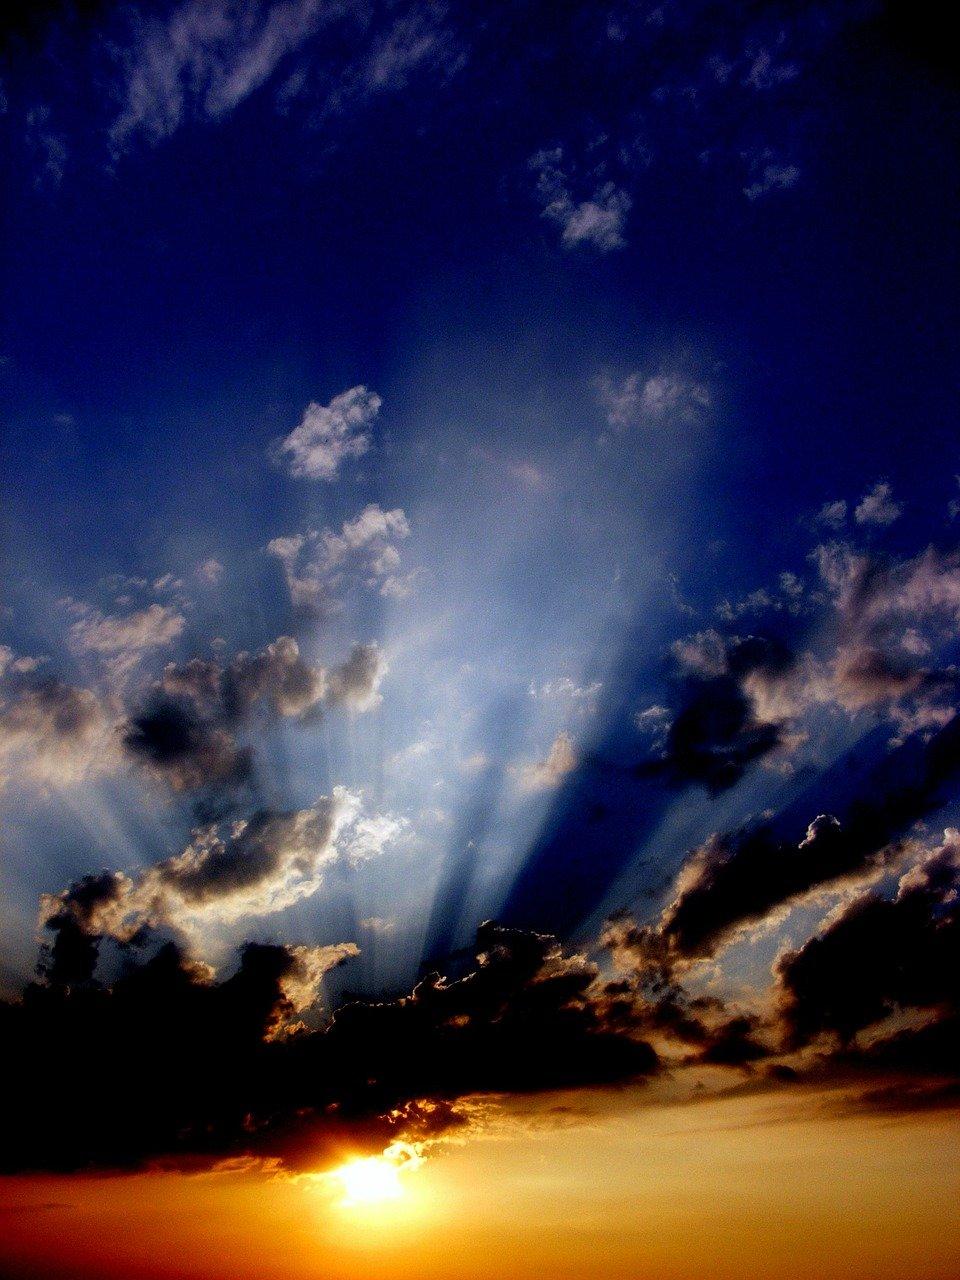 sunset, sun, cloud